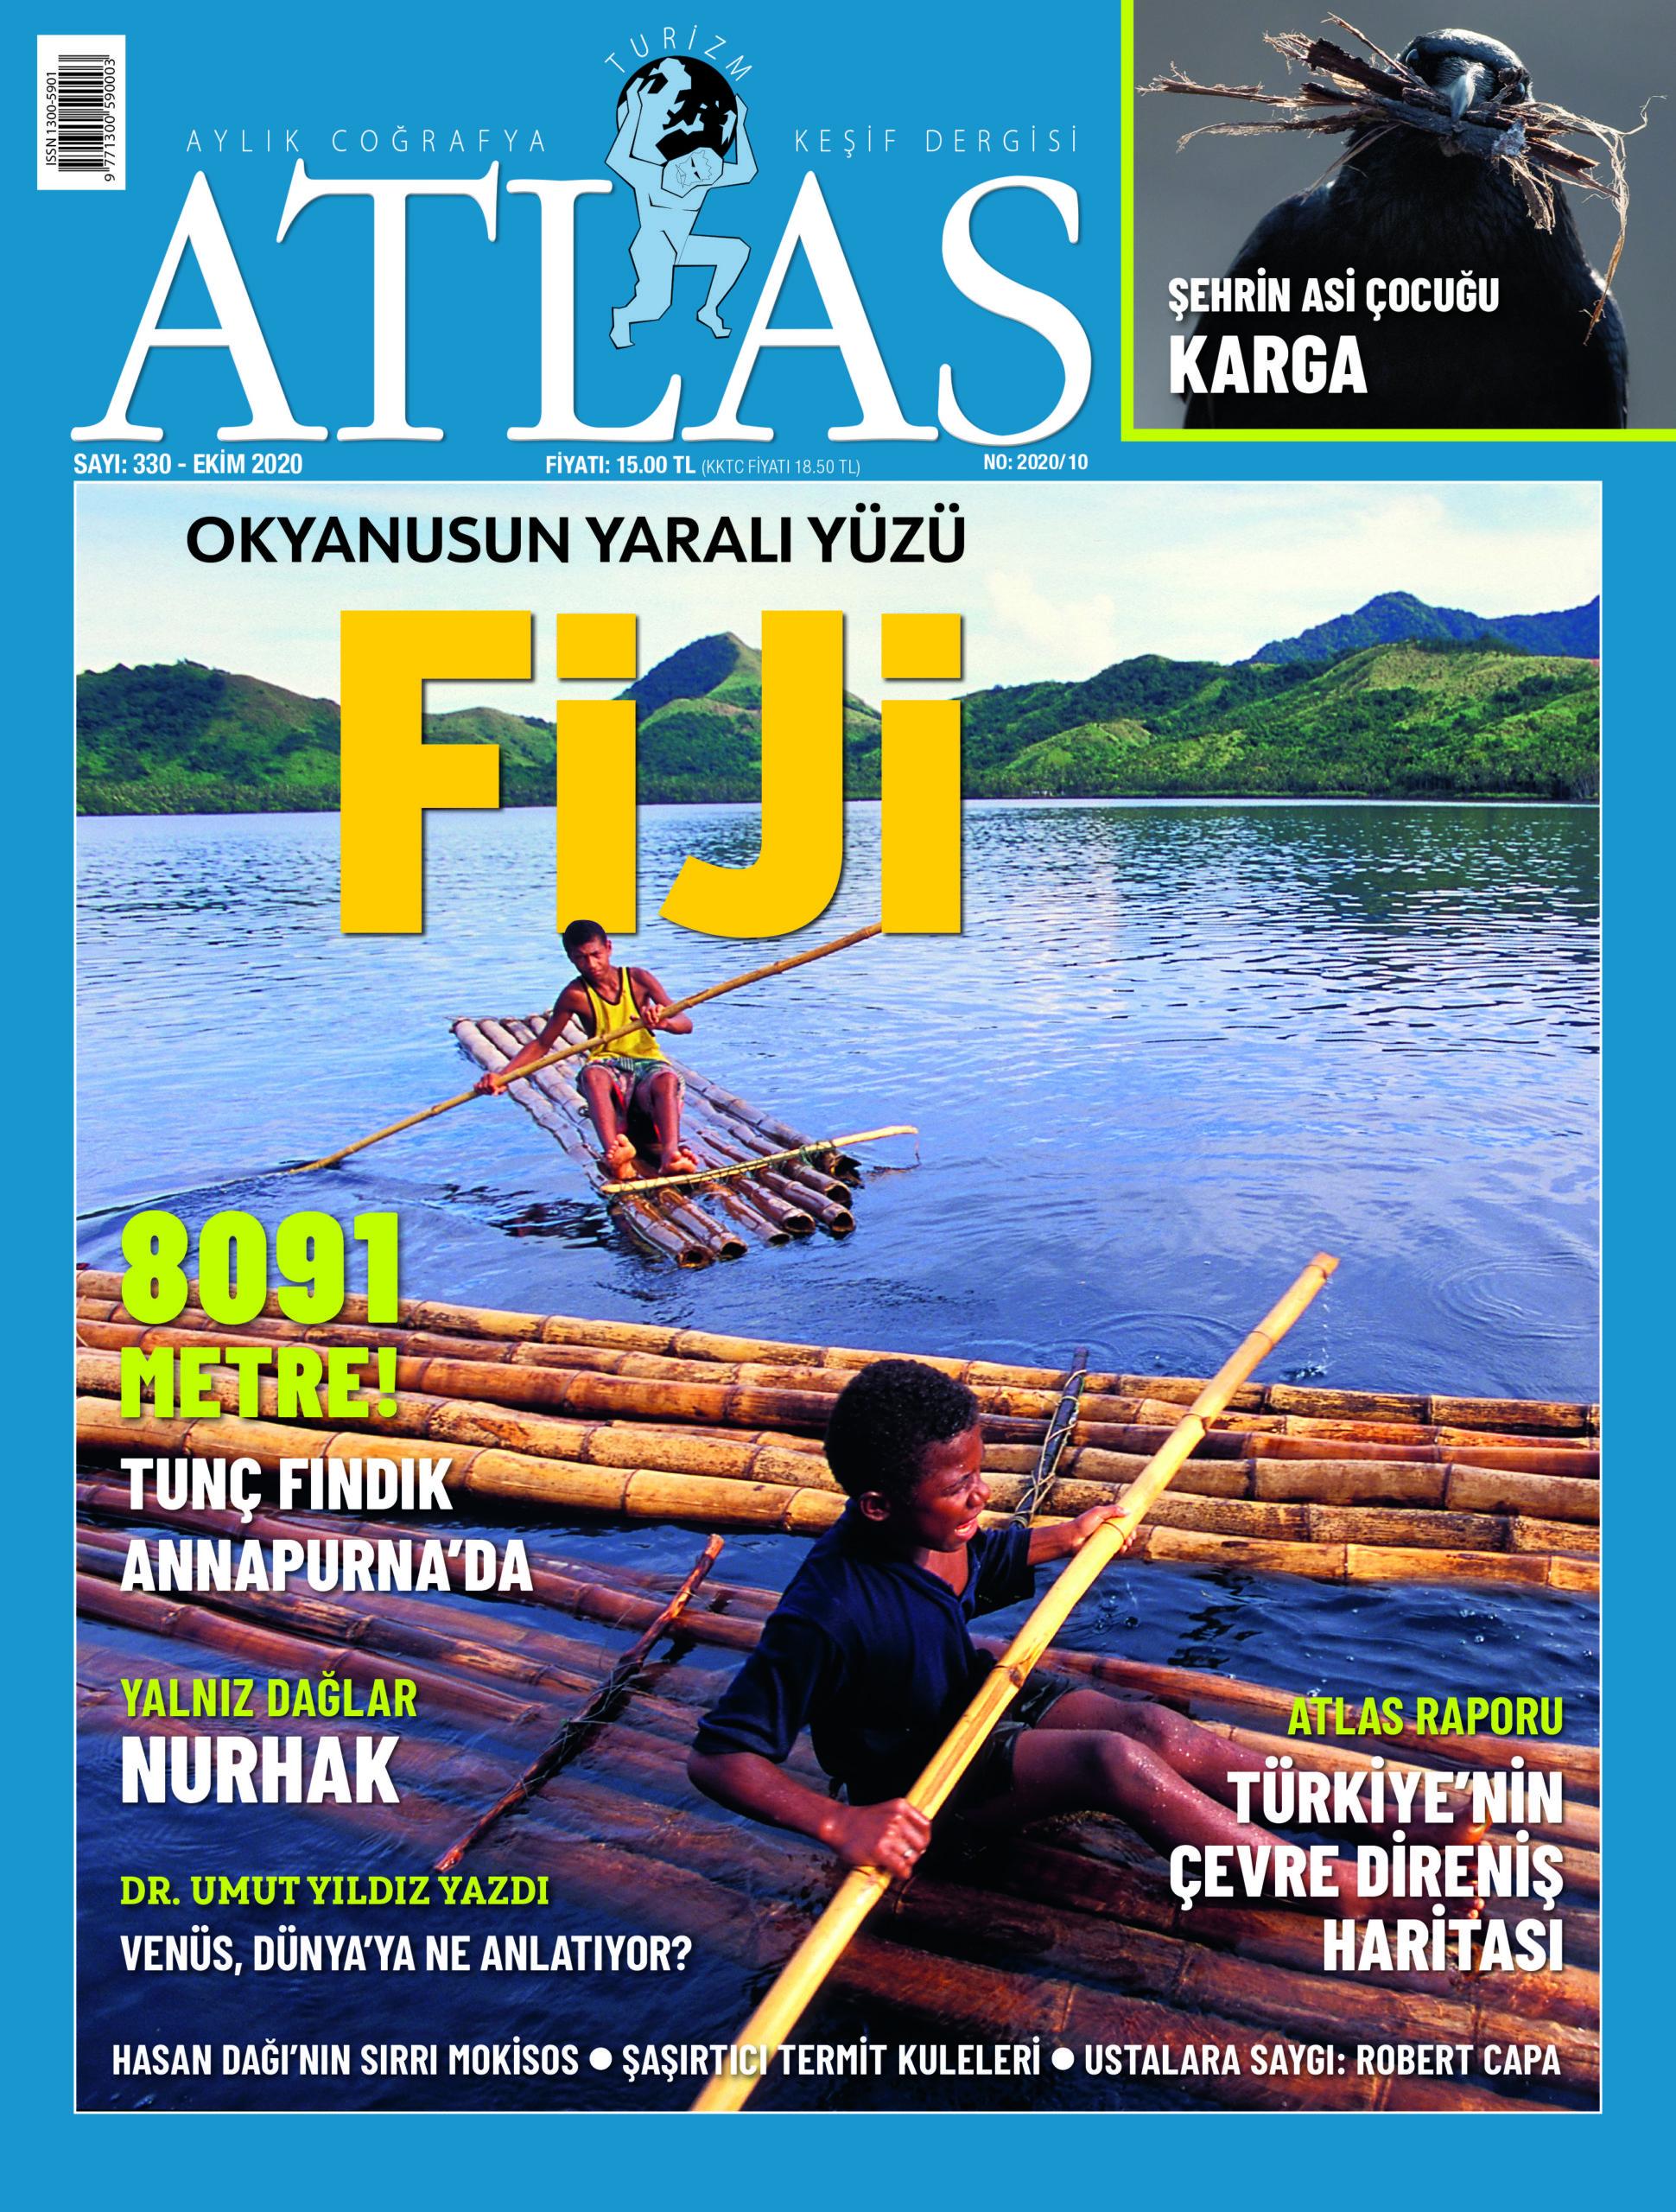 Atlas'ın Ekim sayısı çıktı! Yeni sayıda neler var?   Atlas   Dergide Bu Ay